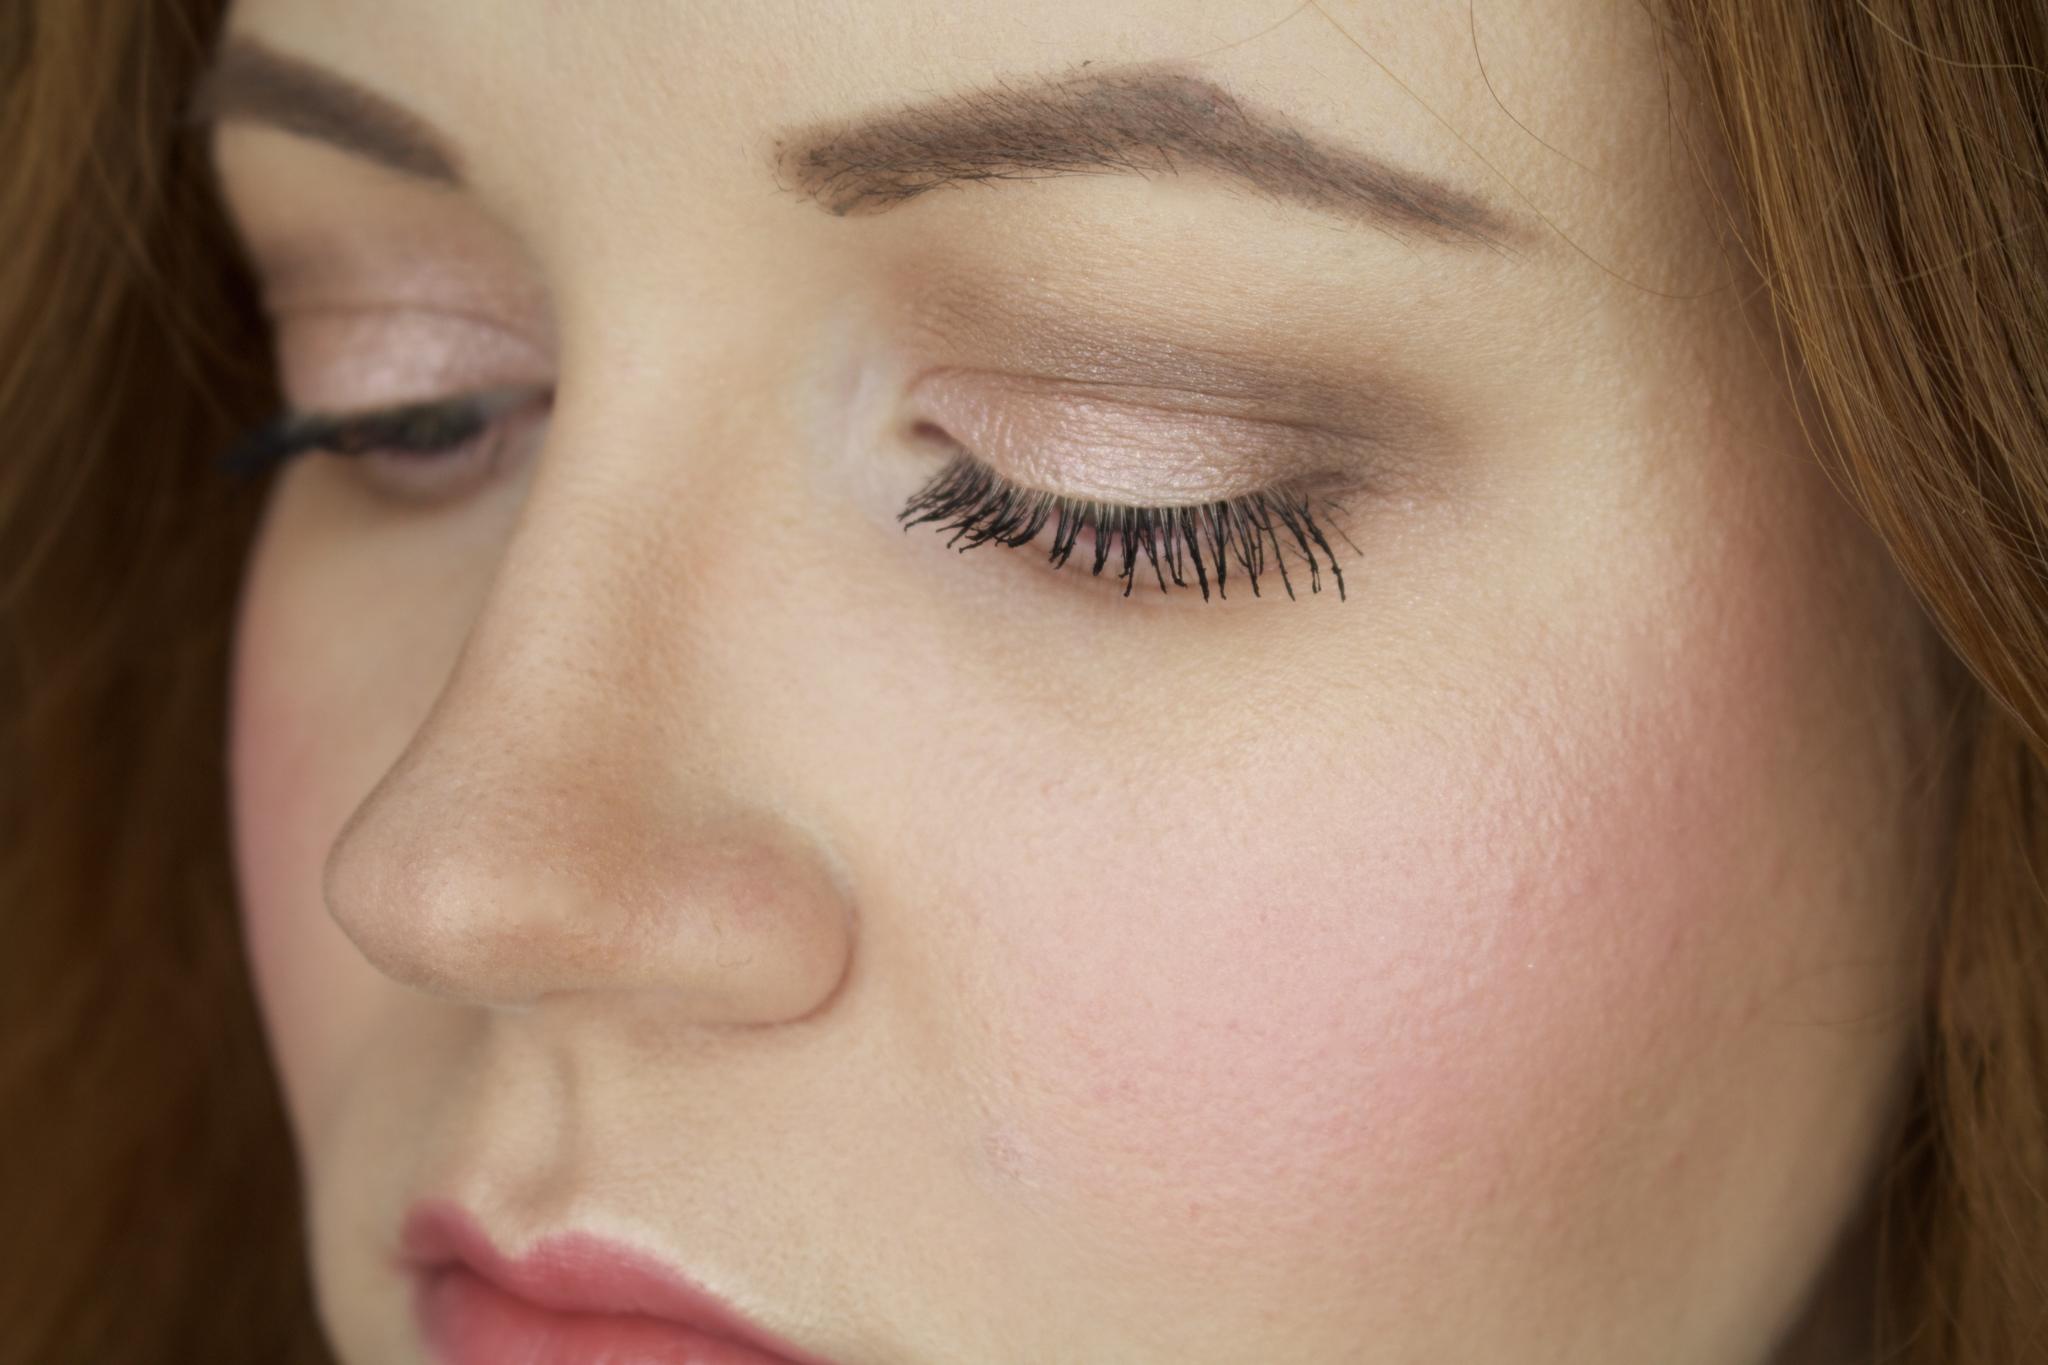 Nahaufnahme Augen Make-up mit verblendeter Lidfalte - Mein Oster Make-up Look: peach & glowy mit Lancome & YSL - Beauty Blog Leipzig